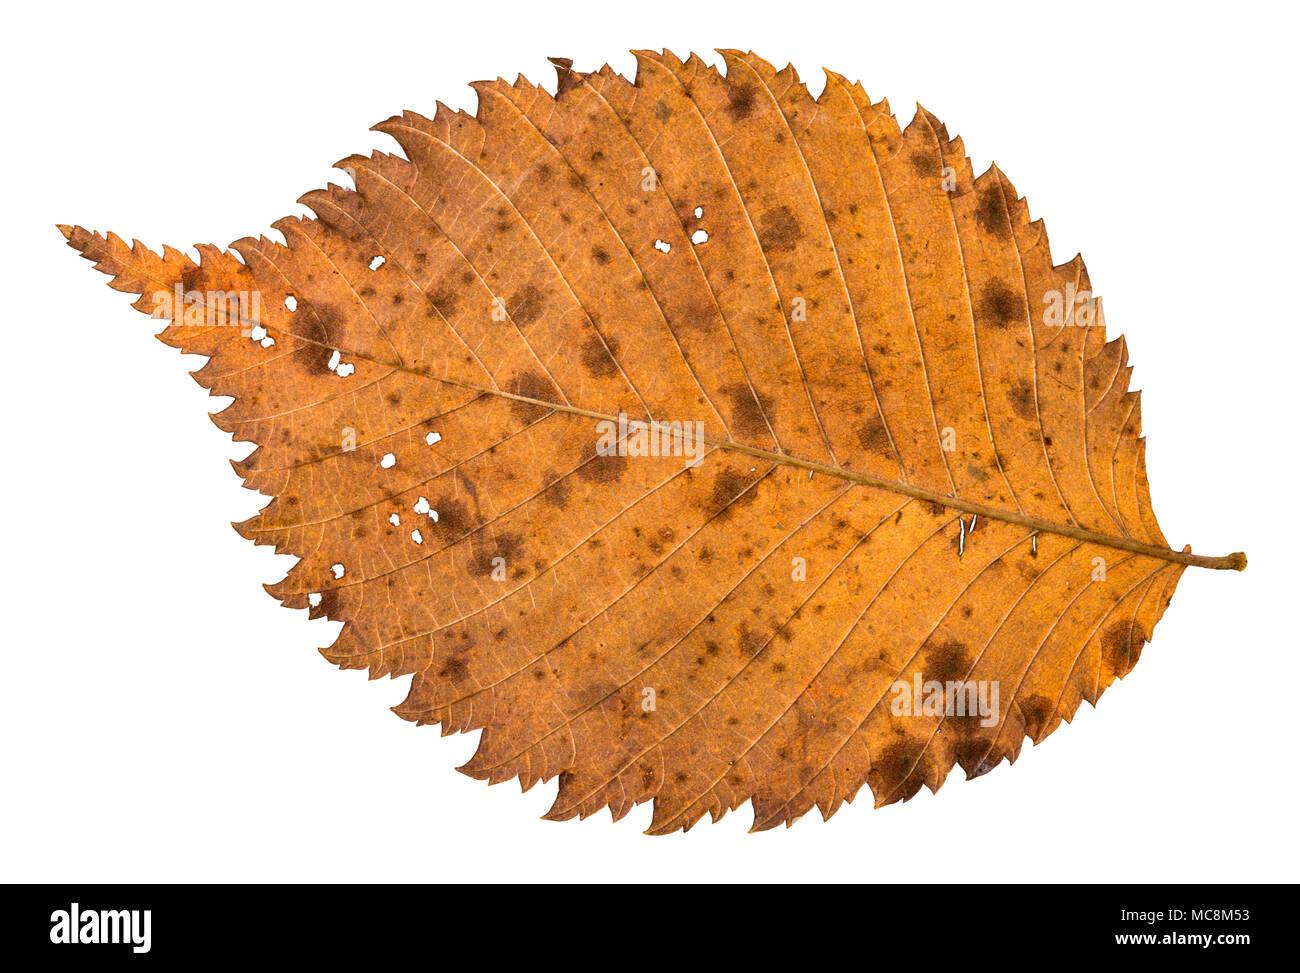 Reverso de otoño holey cariados hojas de olmo aislado sobre fondo blanco. Imagen De Stock